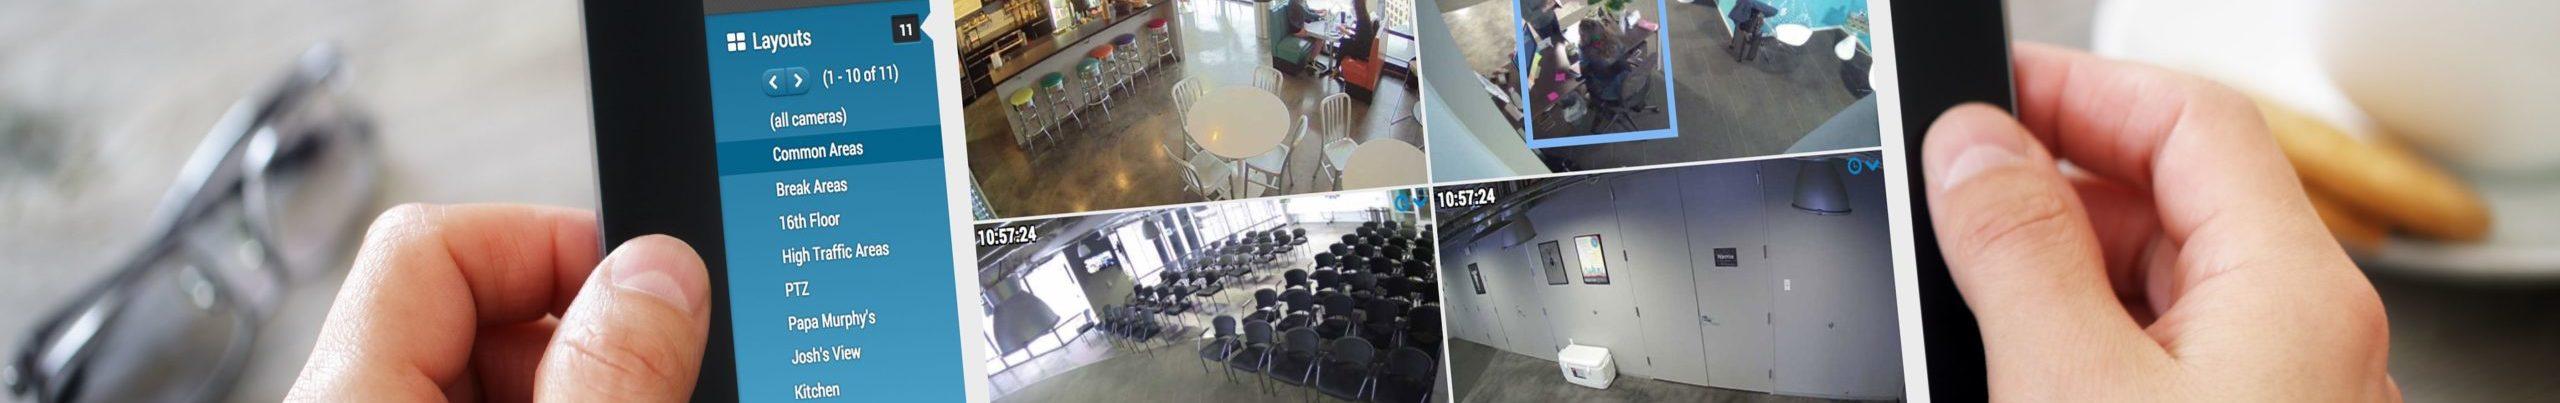 Camera Views on Tablet